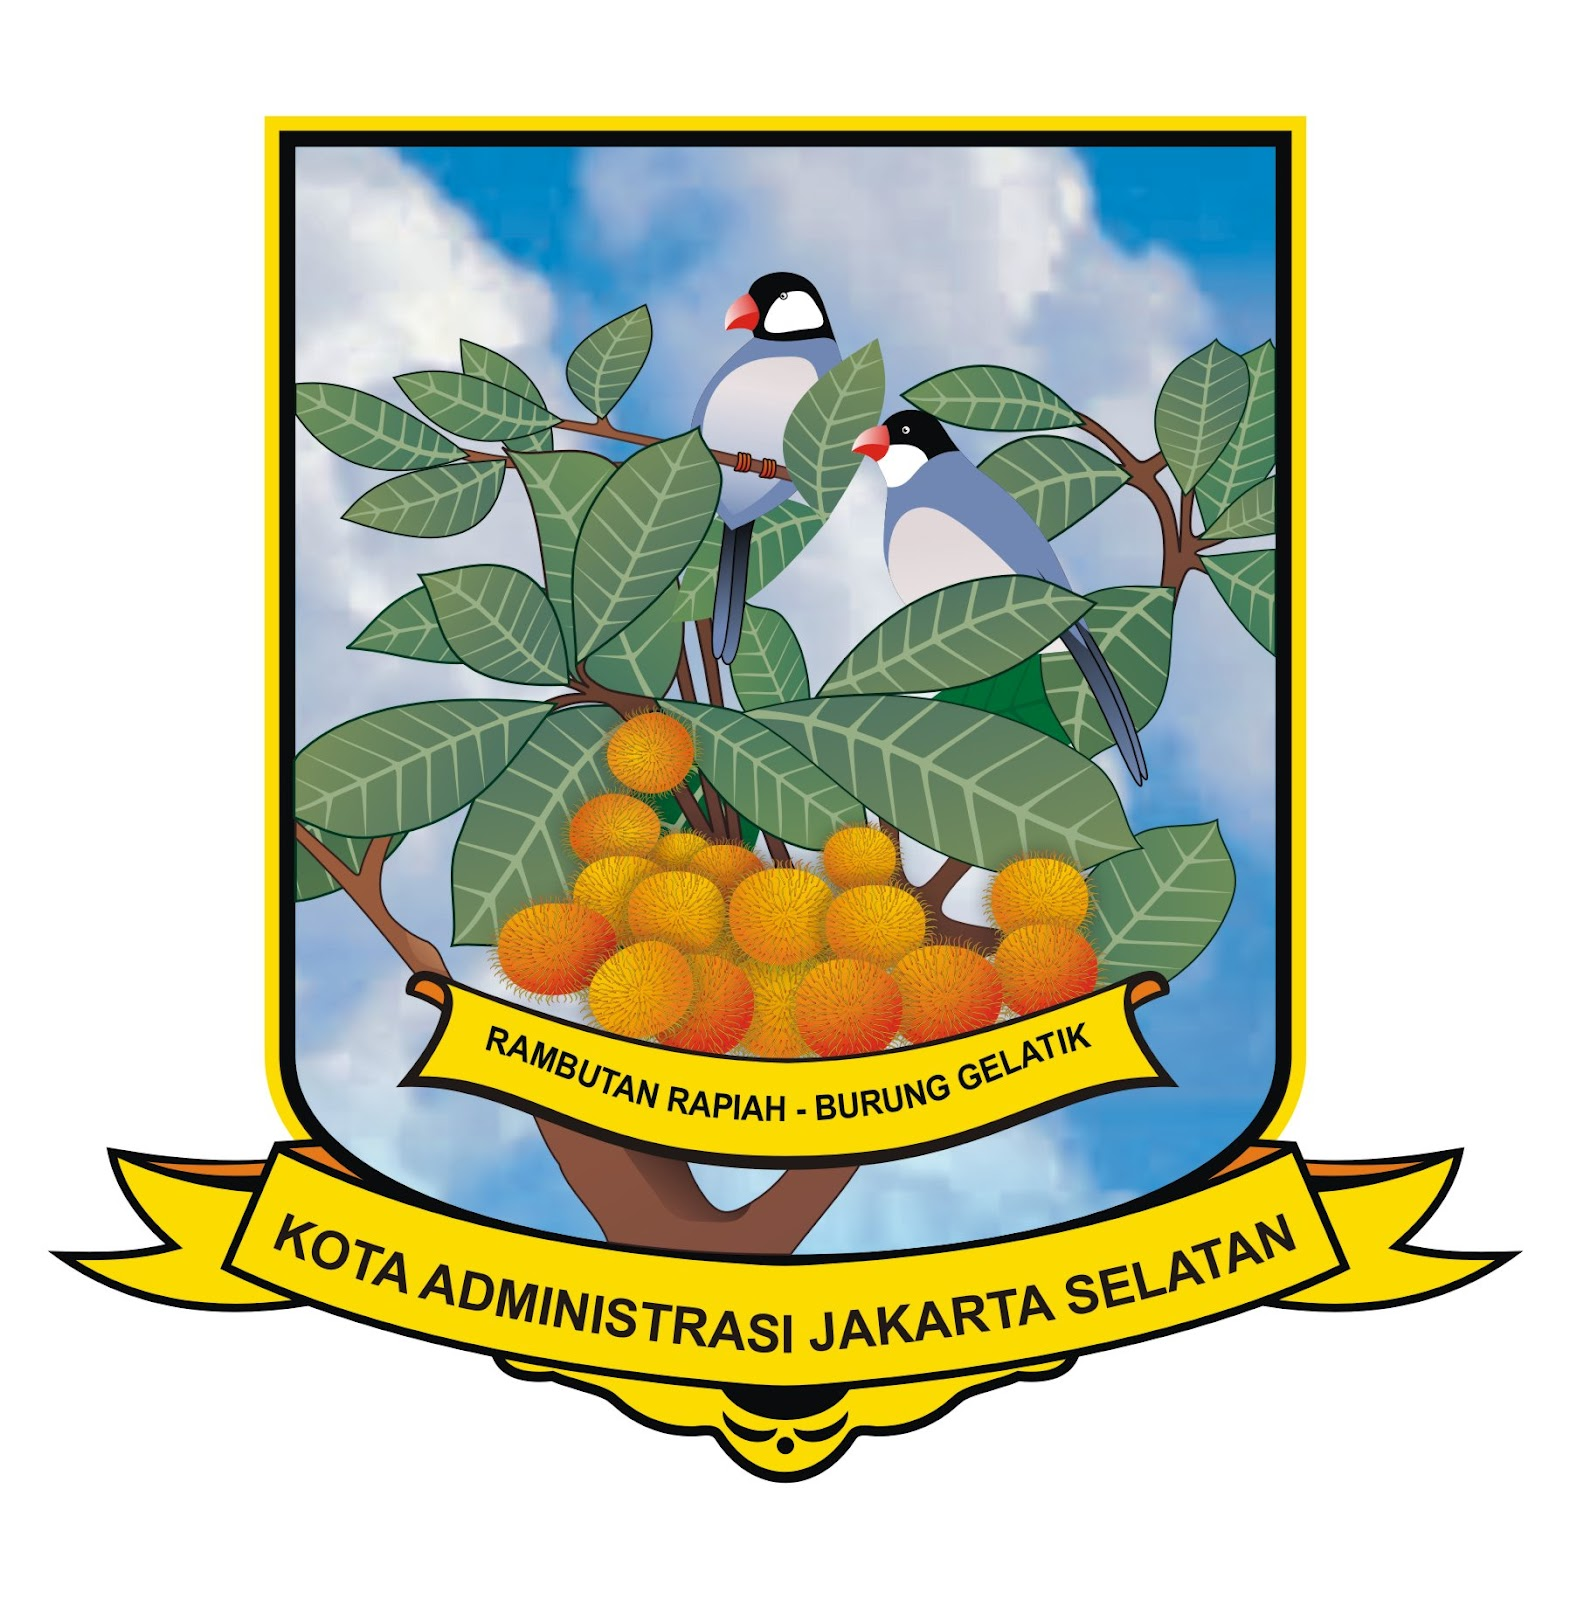 Pengumuman CPNS Kebayoran Baru - Kota Administrasi Jakarta Selatan